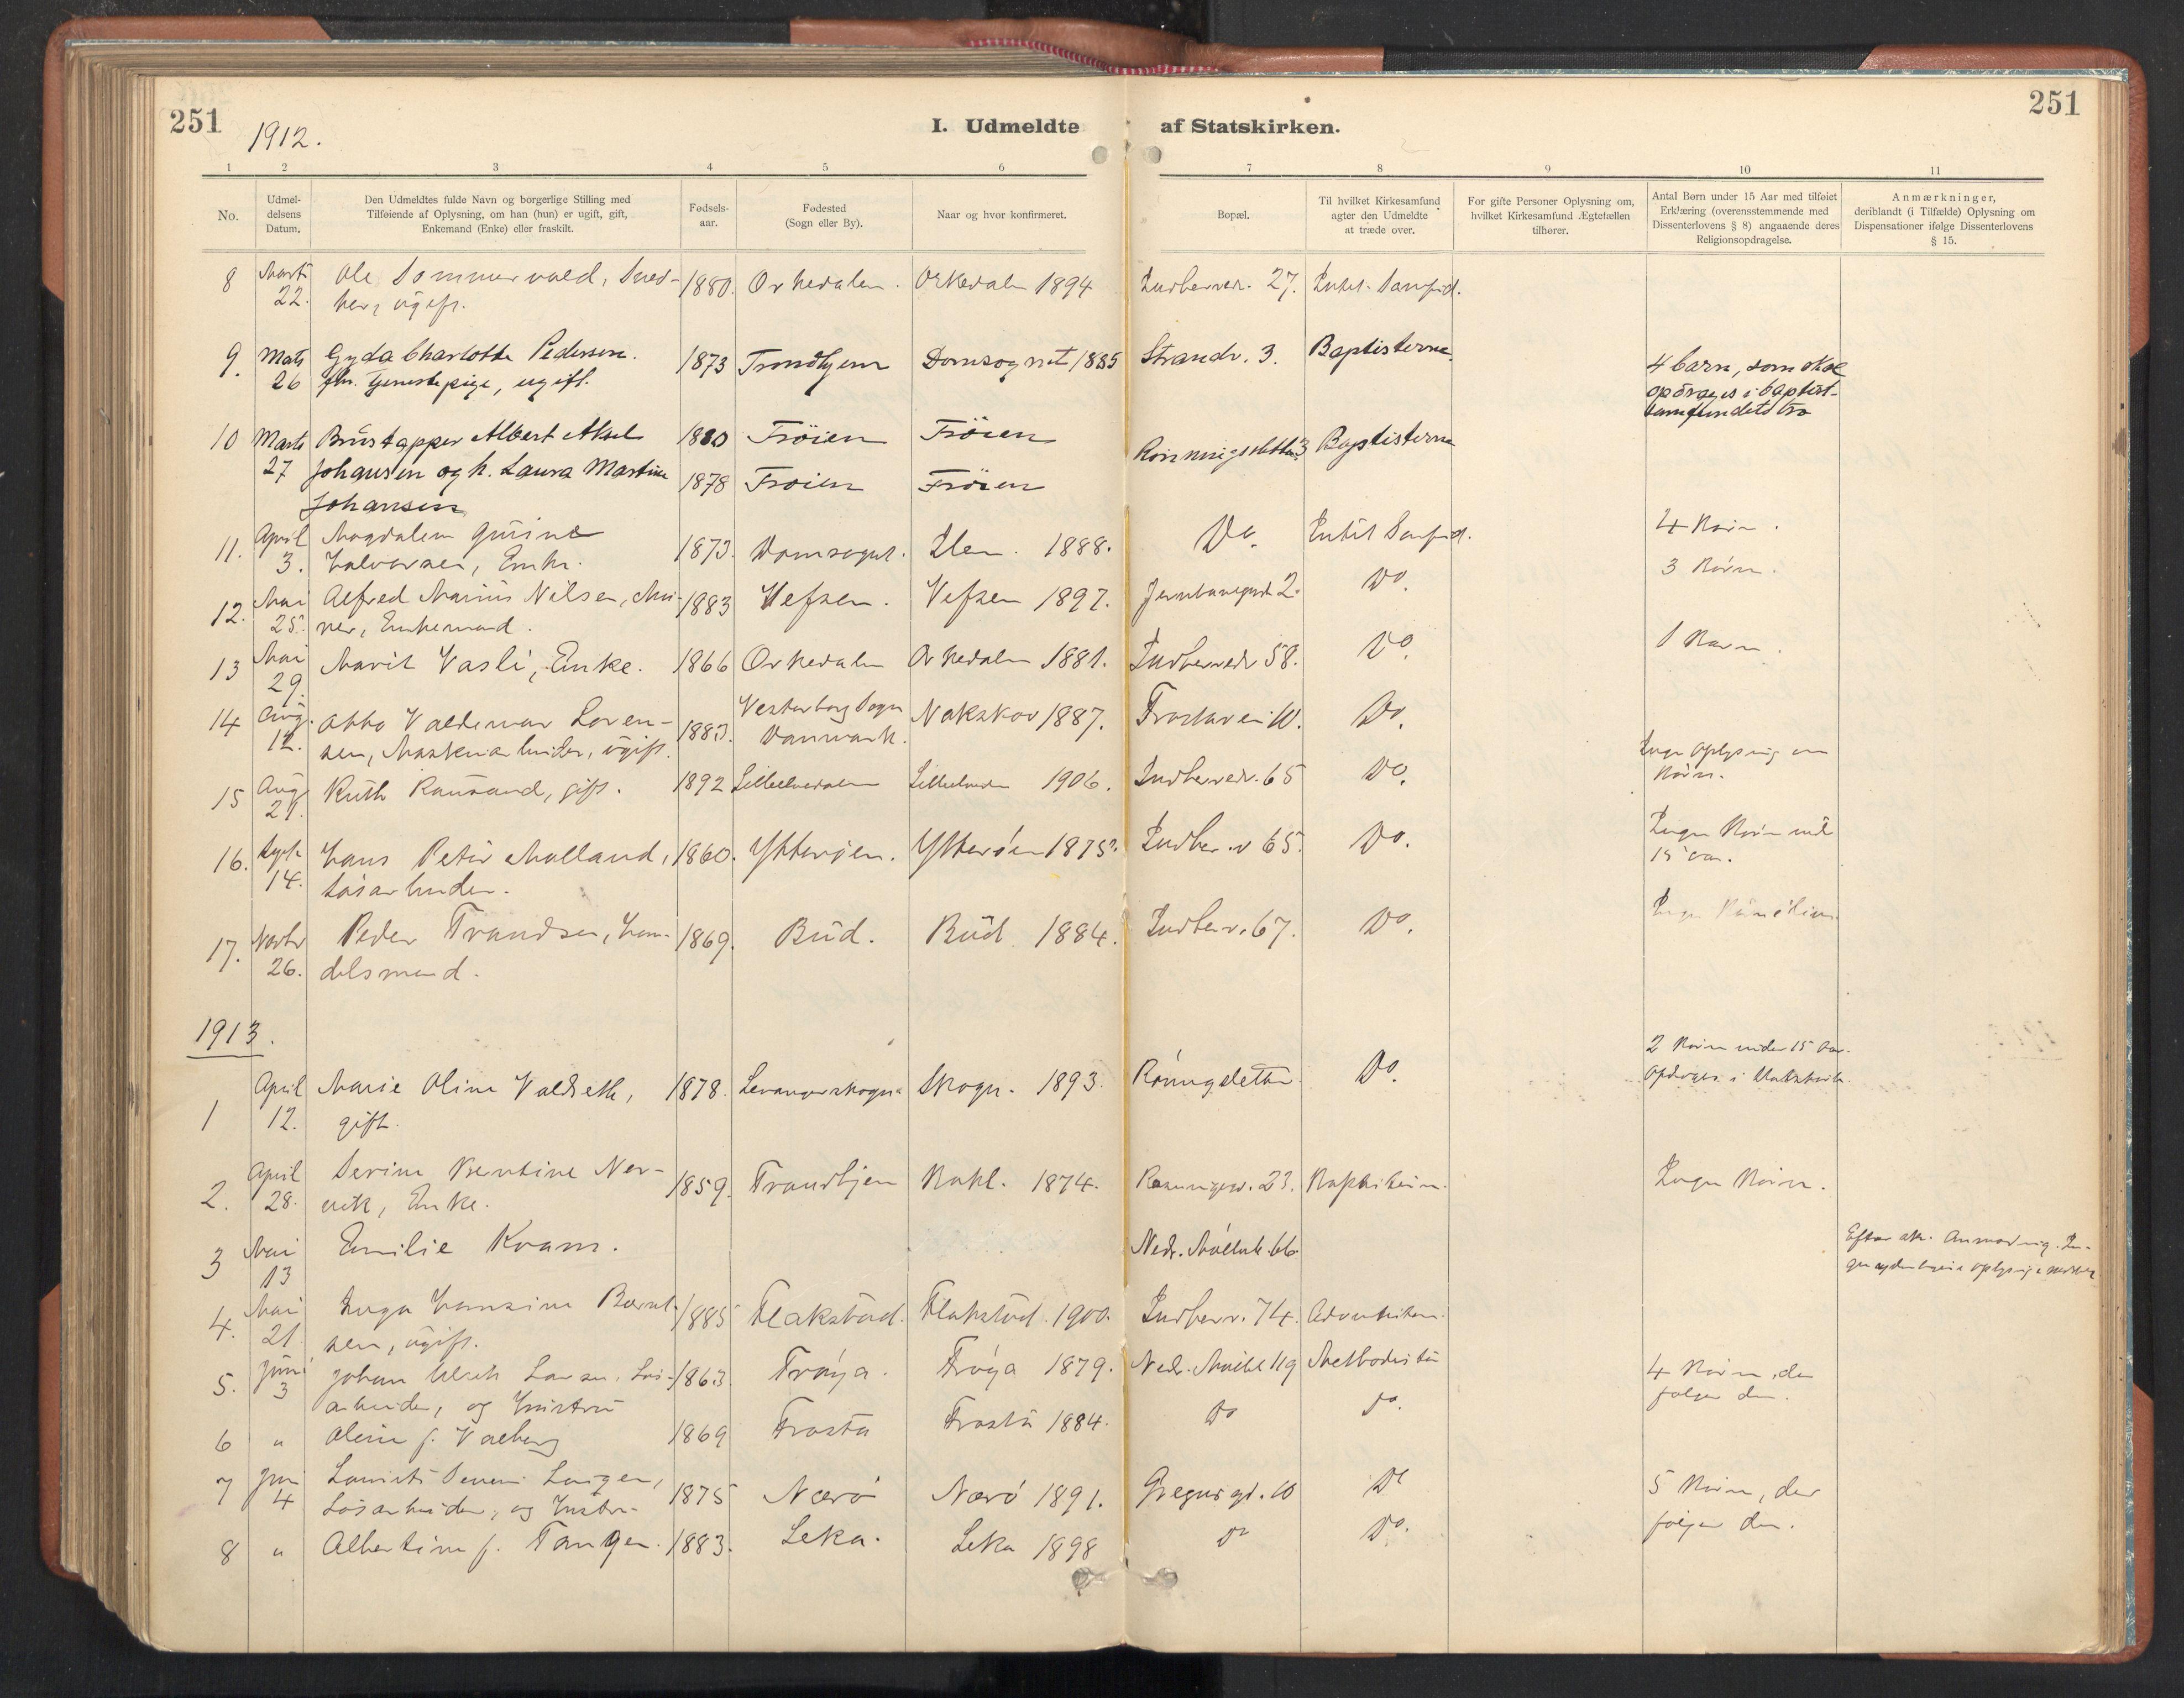 SAT, Ministerialprotokoller, klokkerbøker og fødselsregistre - Sør-Trøndelag, 605/L0244: Ministerialbok nr. 605A06, 1908-1954, s. 251